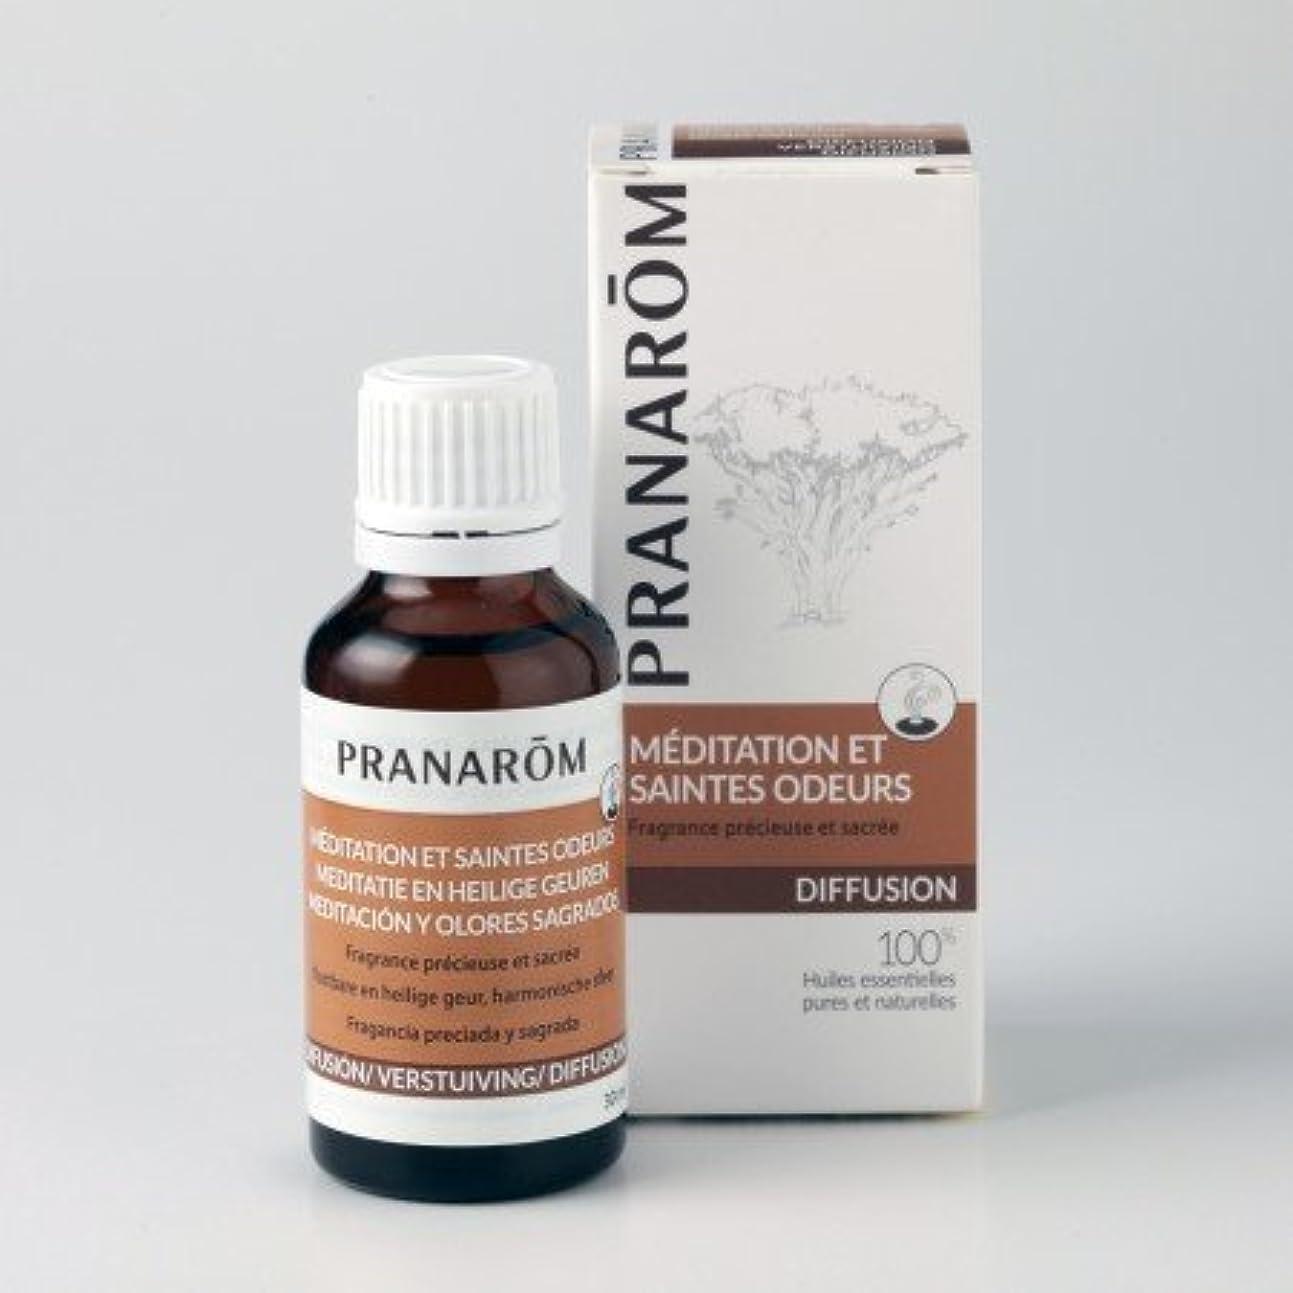 製造危機原子プラナロム ( PRANAROM ) ルームコロン 瞑想へのいざない メディテーション 30ml 02588 エアフレッシュナー ( 芳香剤 )